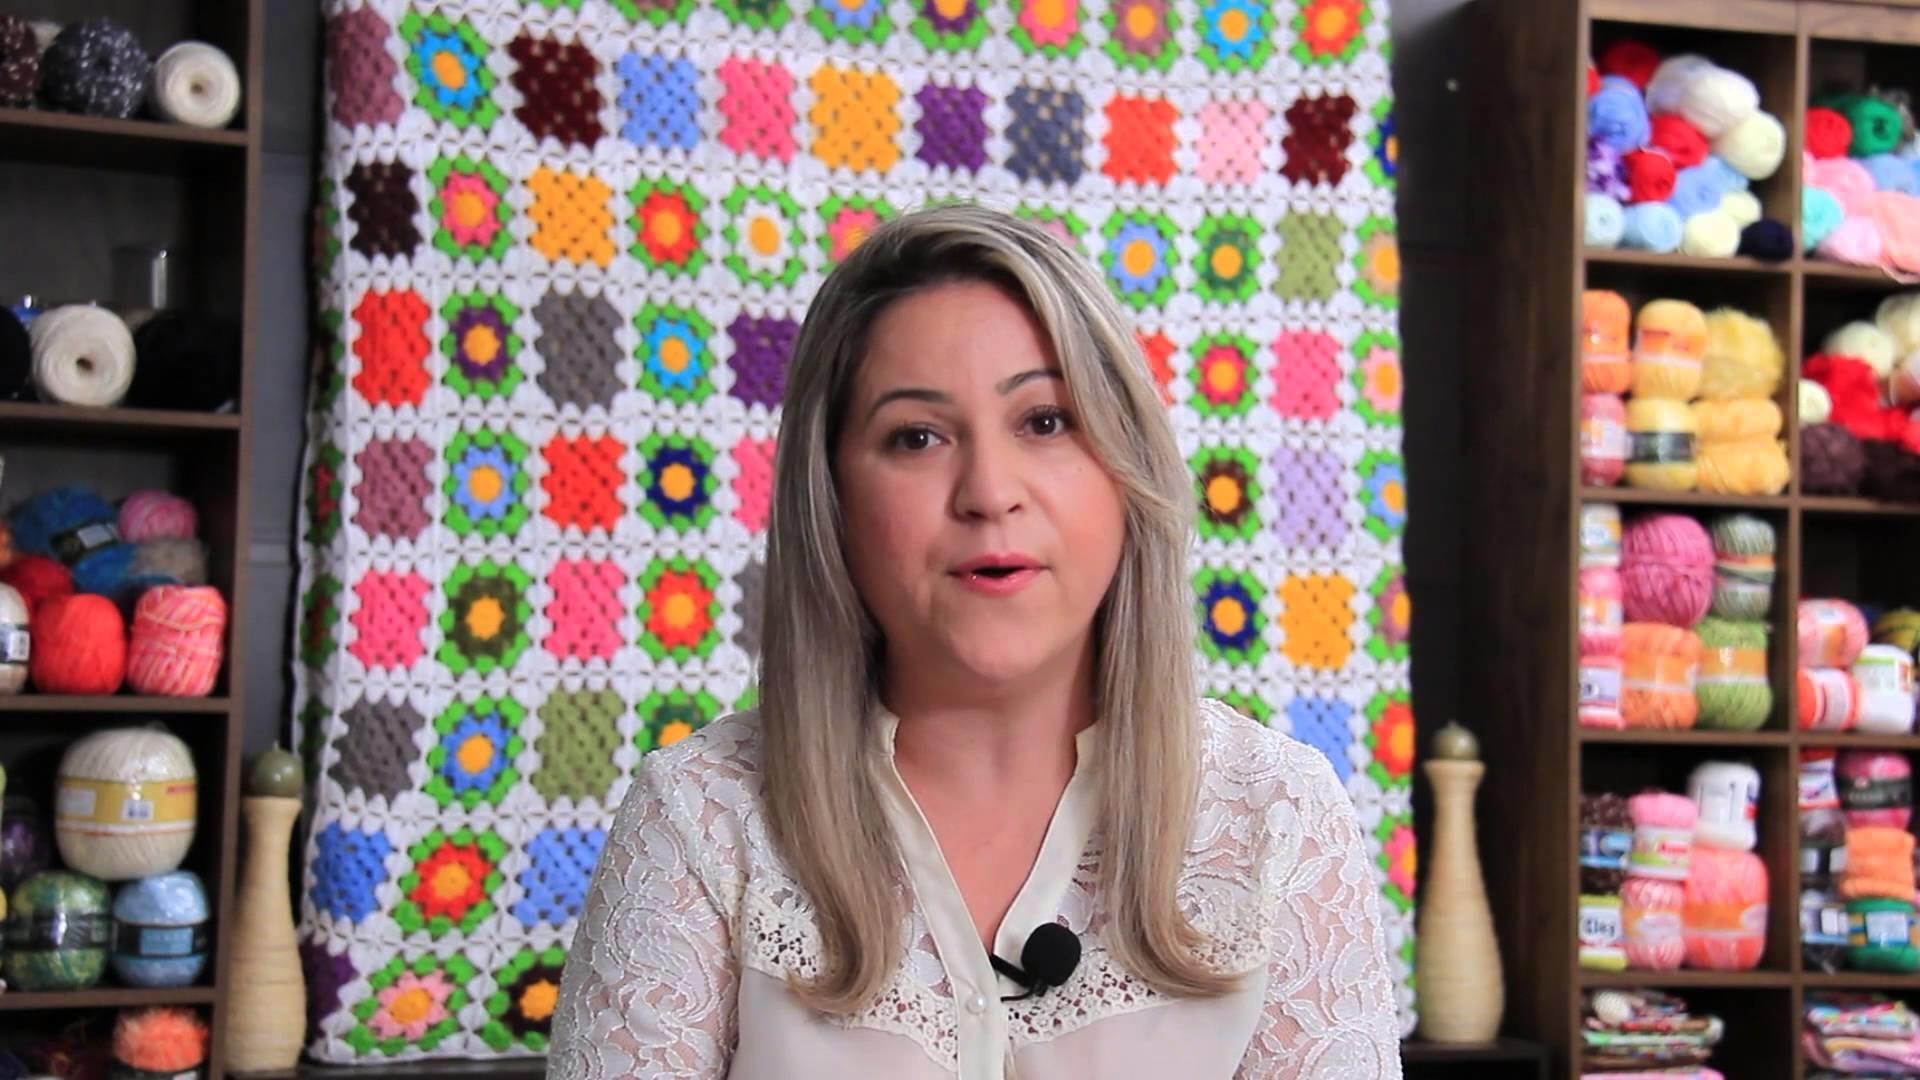 Minha História no YouTube fazendo Artesanato #Crochê #Motivação #Inspiração - Professora Simone